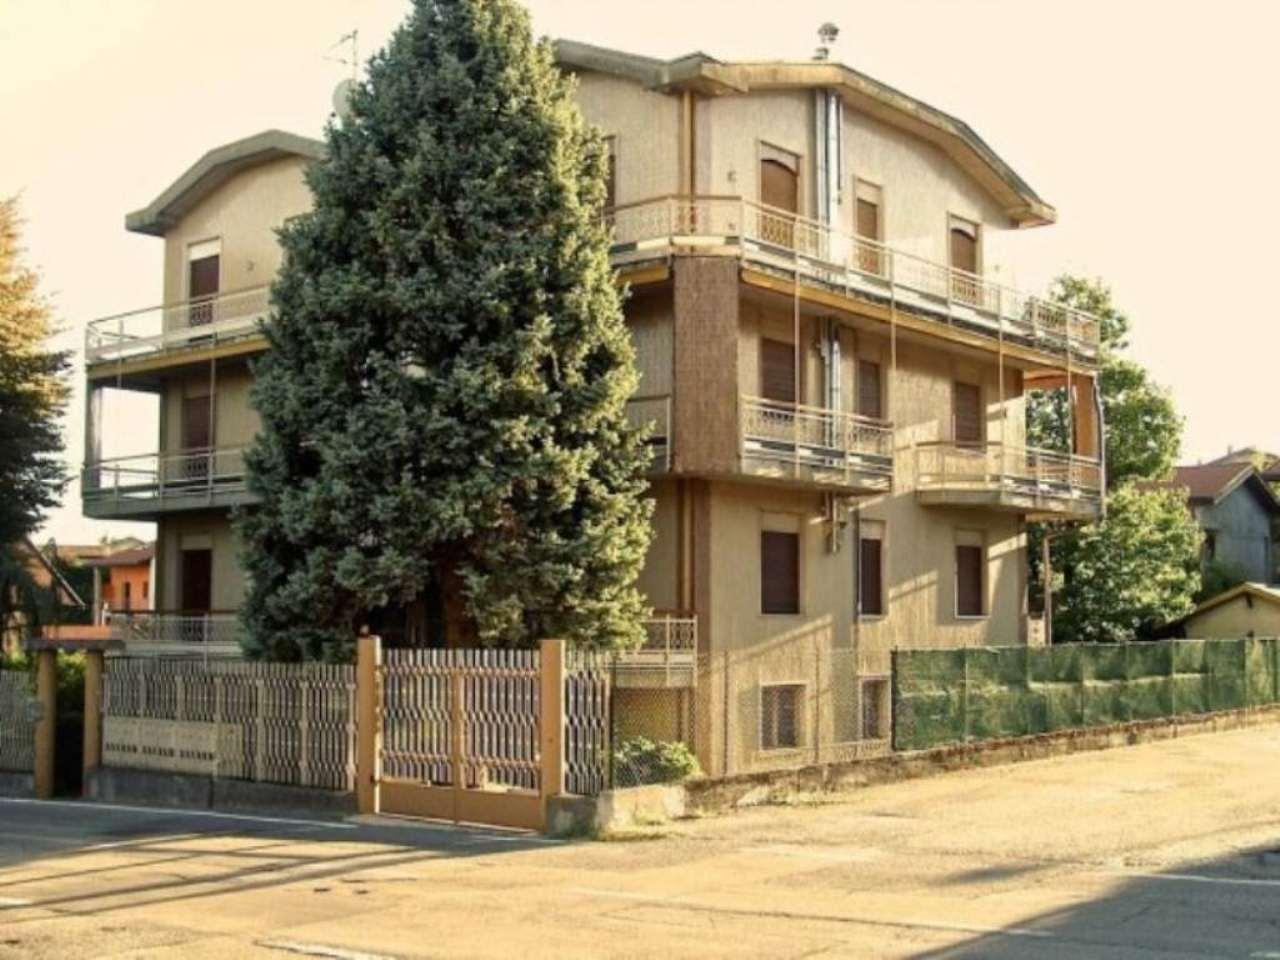 Soluzione Indipendente in vendita a Monguzzo, 6 locali, prezzo € 340.000 | Cambio Casa.it